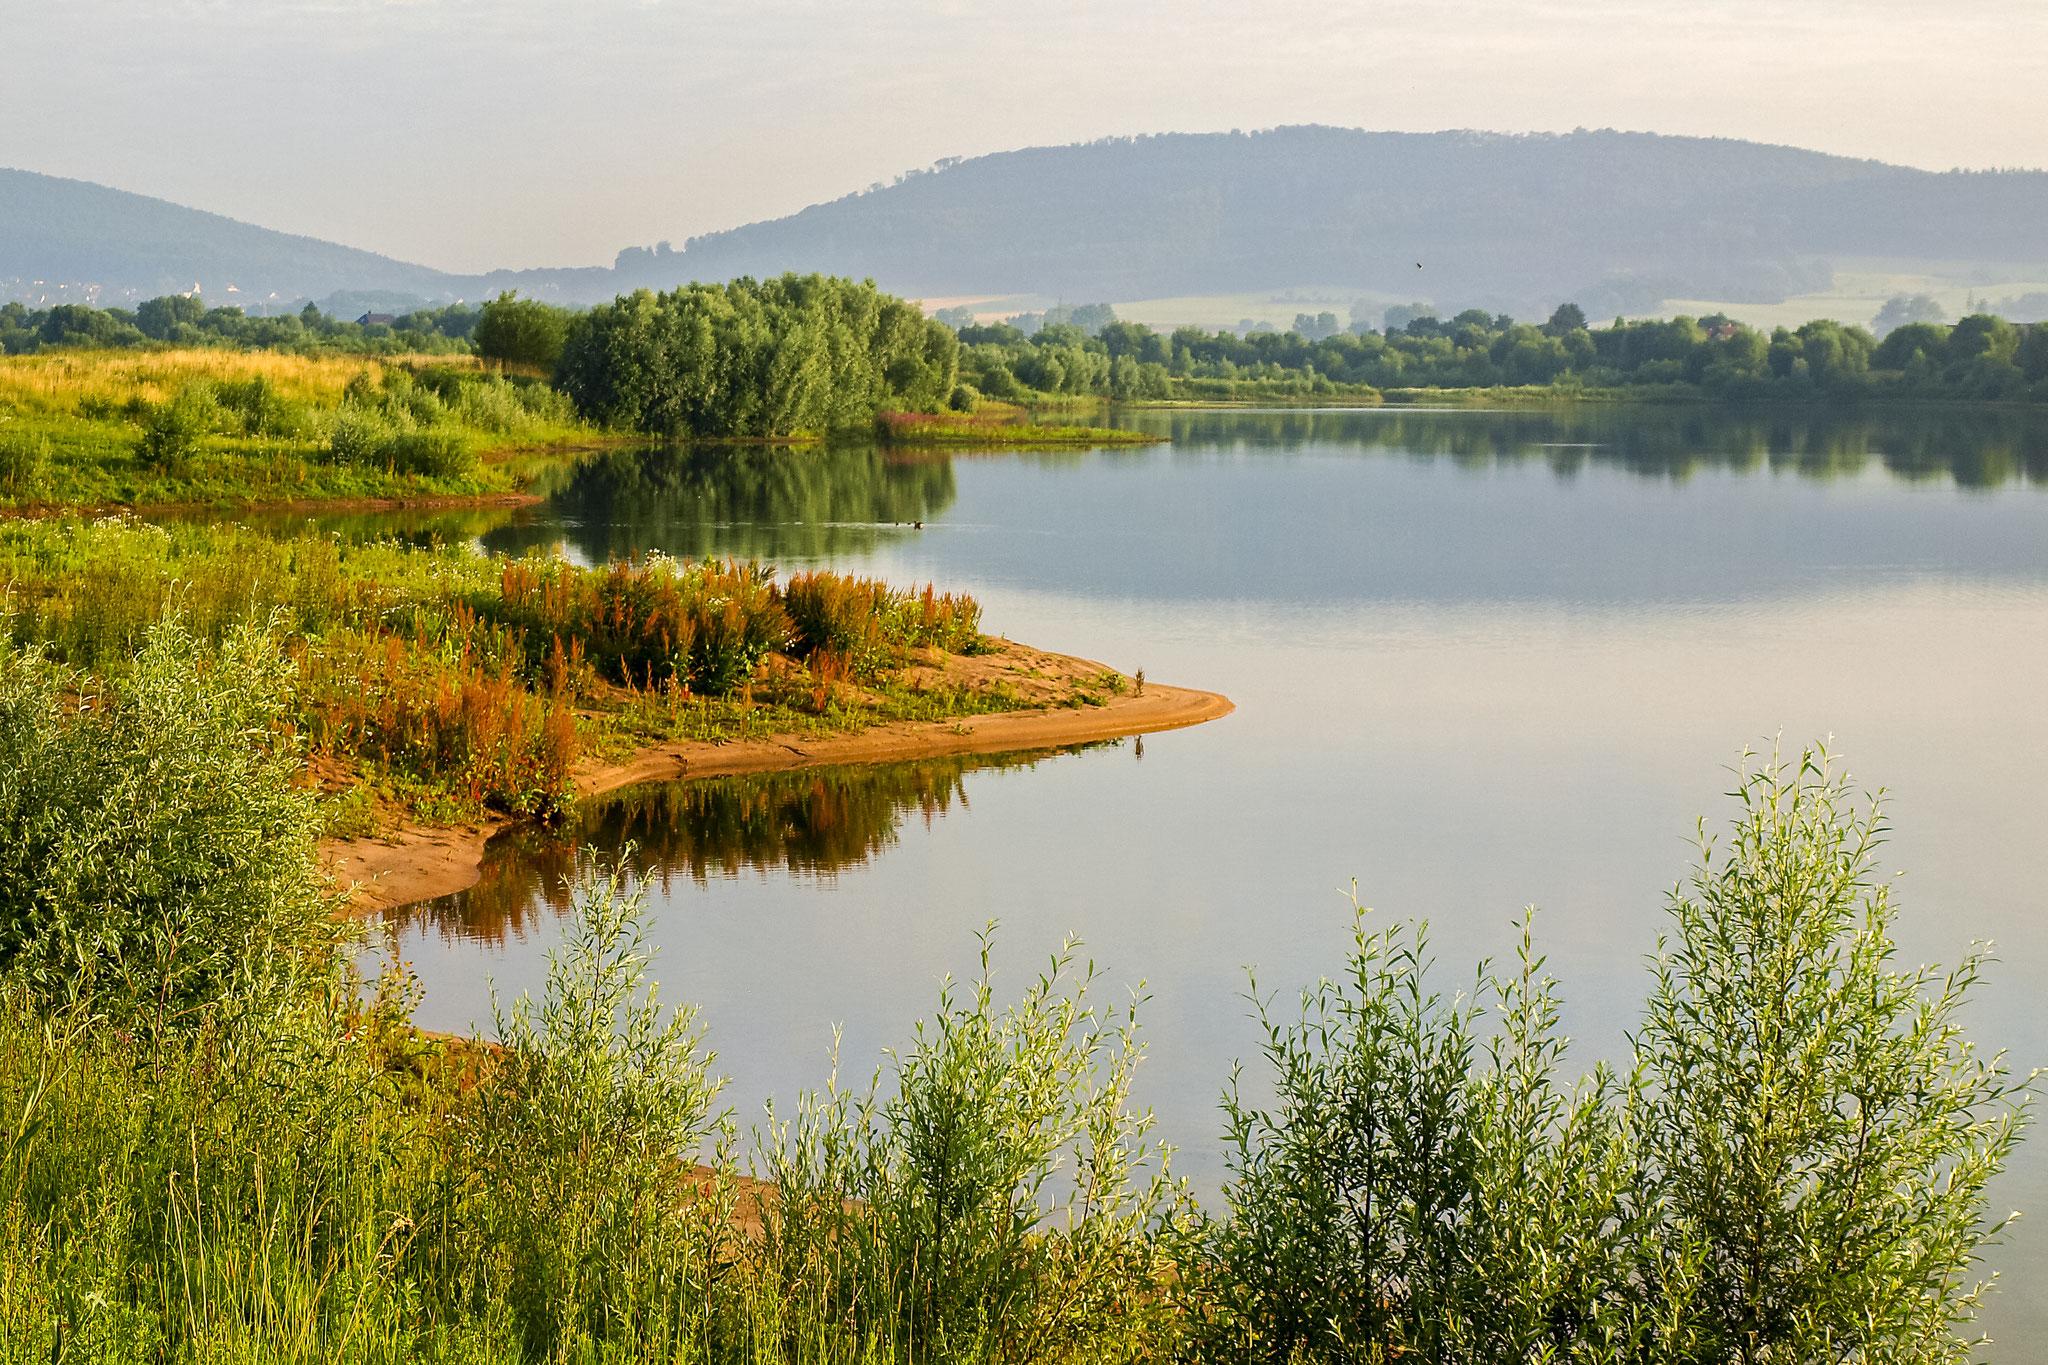 Der mittlere Teich am frühen Morgen.